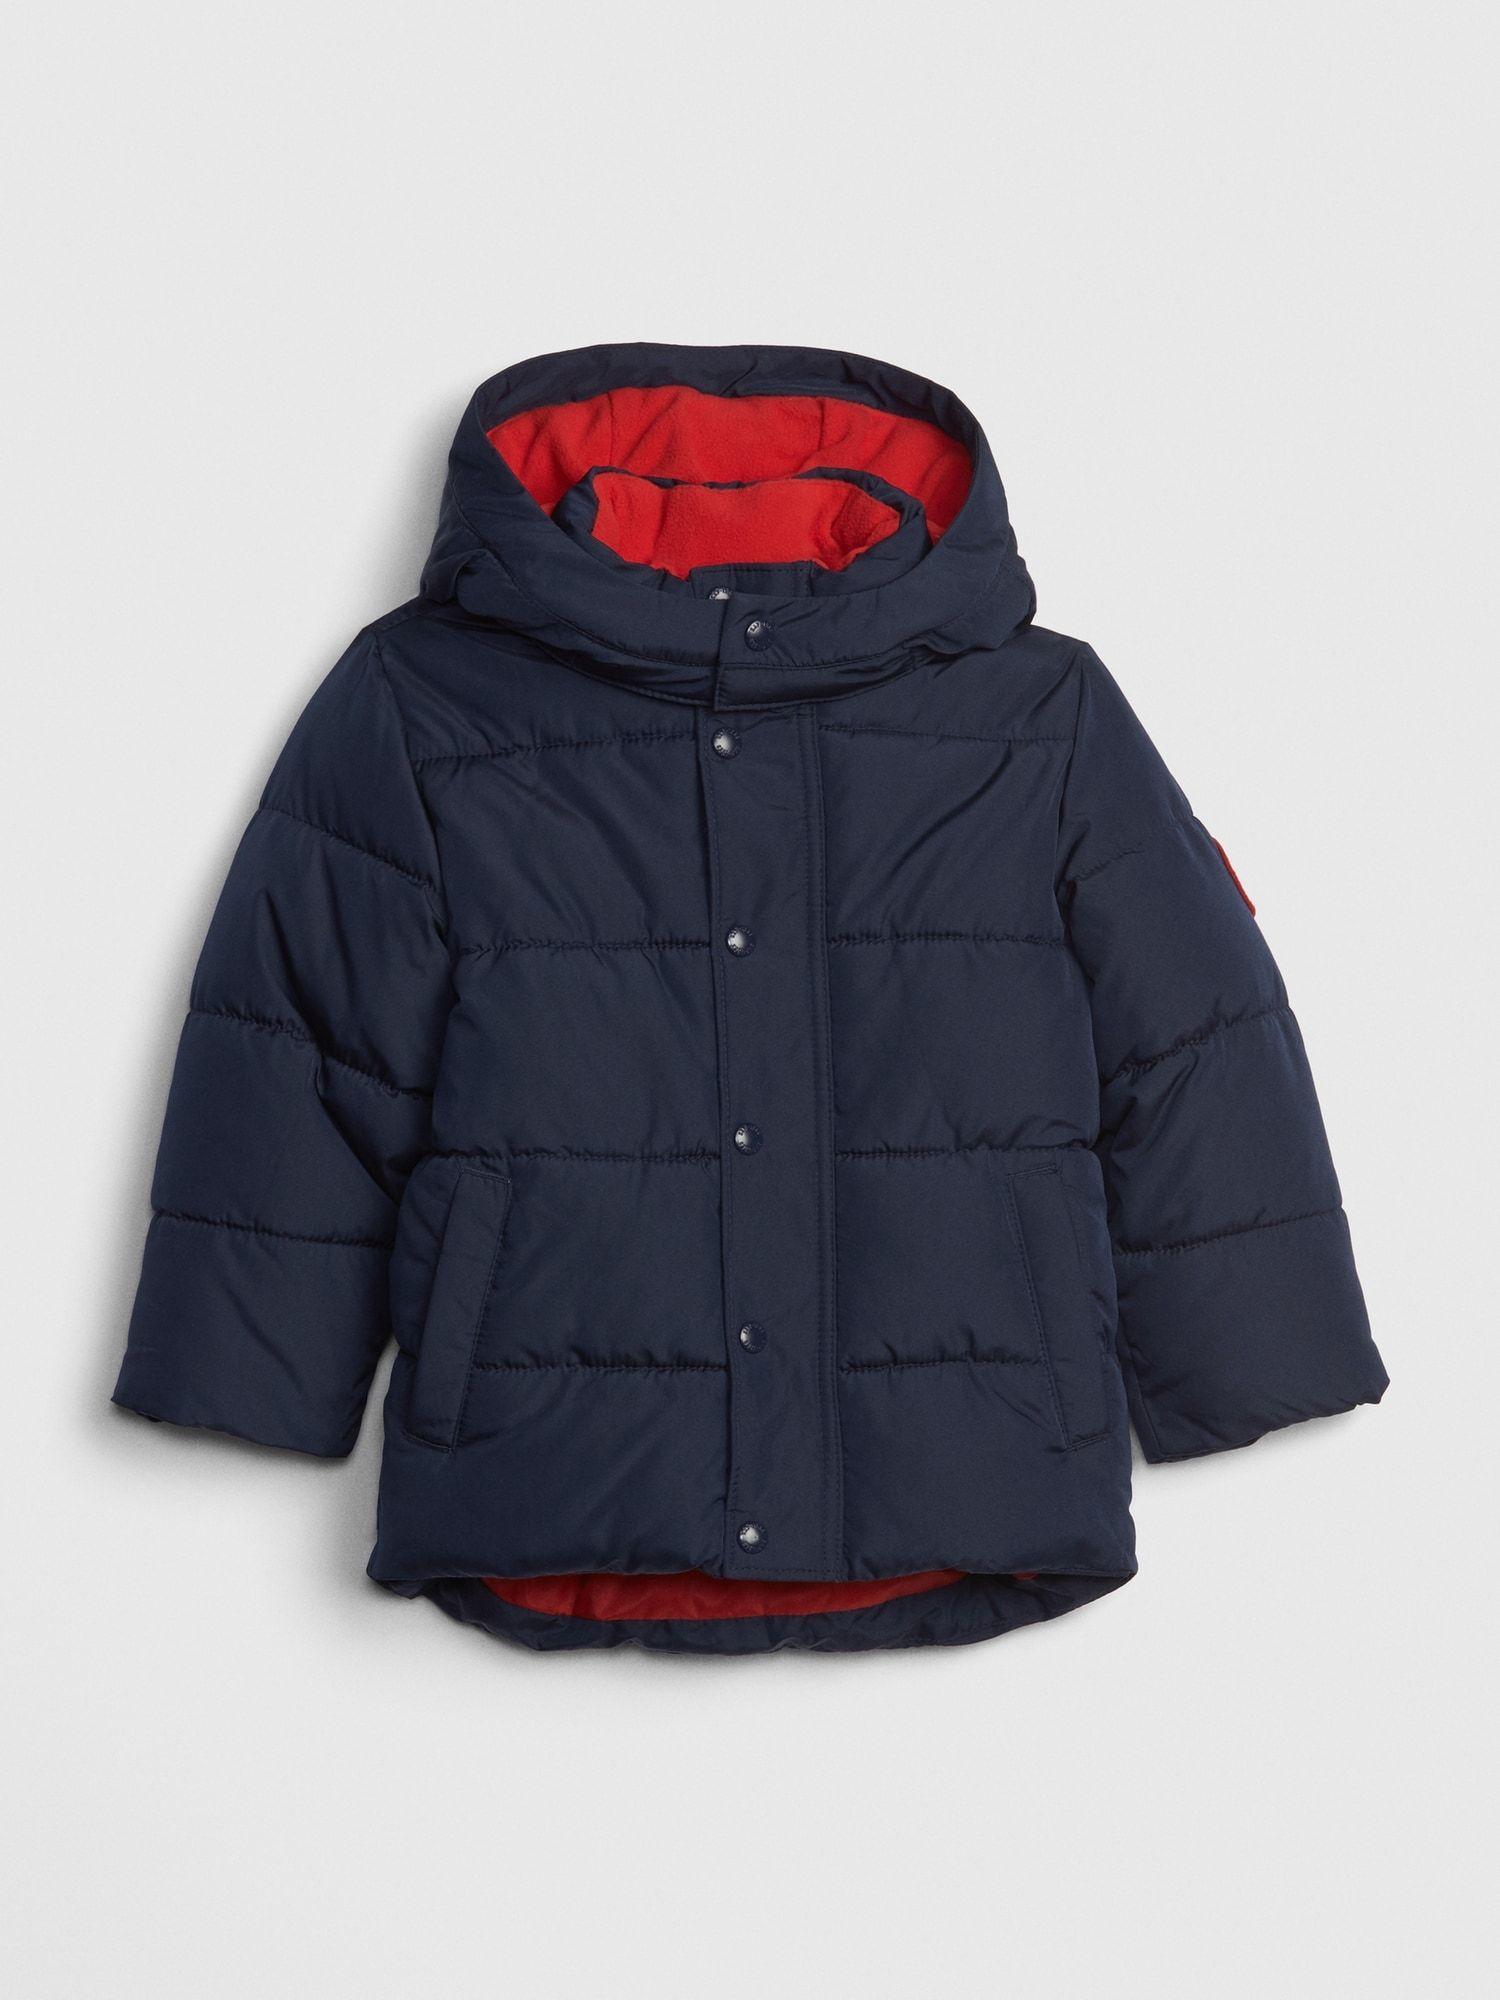 Toddler Coldcontrol Max Puffer Gap Denim Shop Old Navy Gap Baby Fashion [ 2000 x 1500 Pixel ]